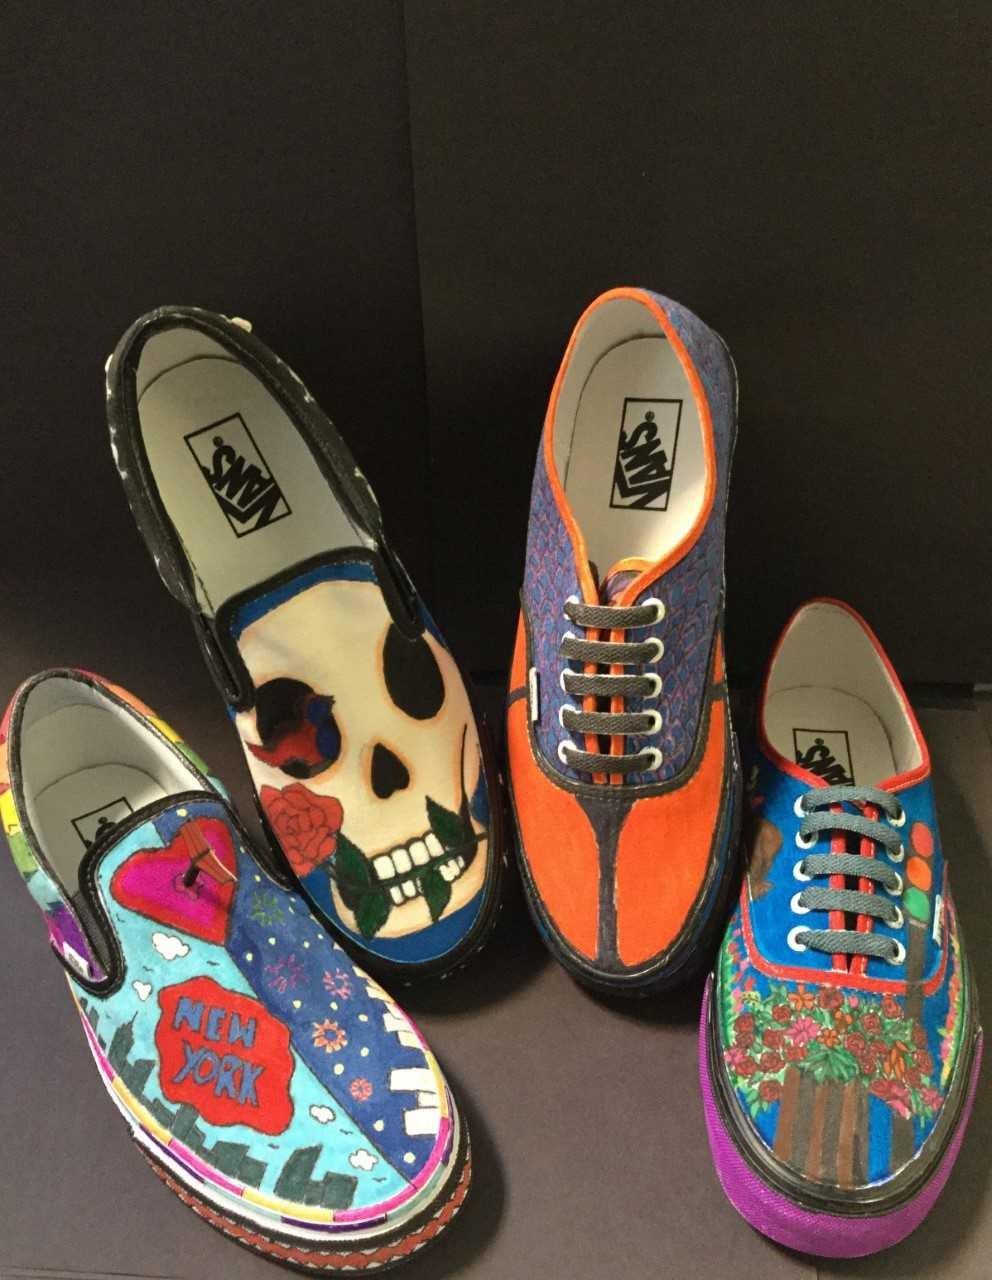 Shoe sculptures.